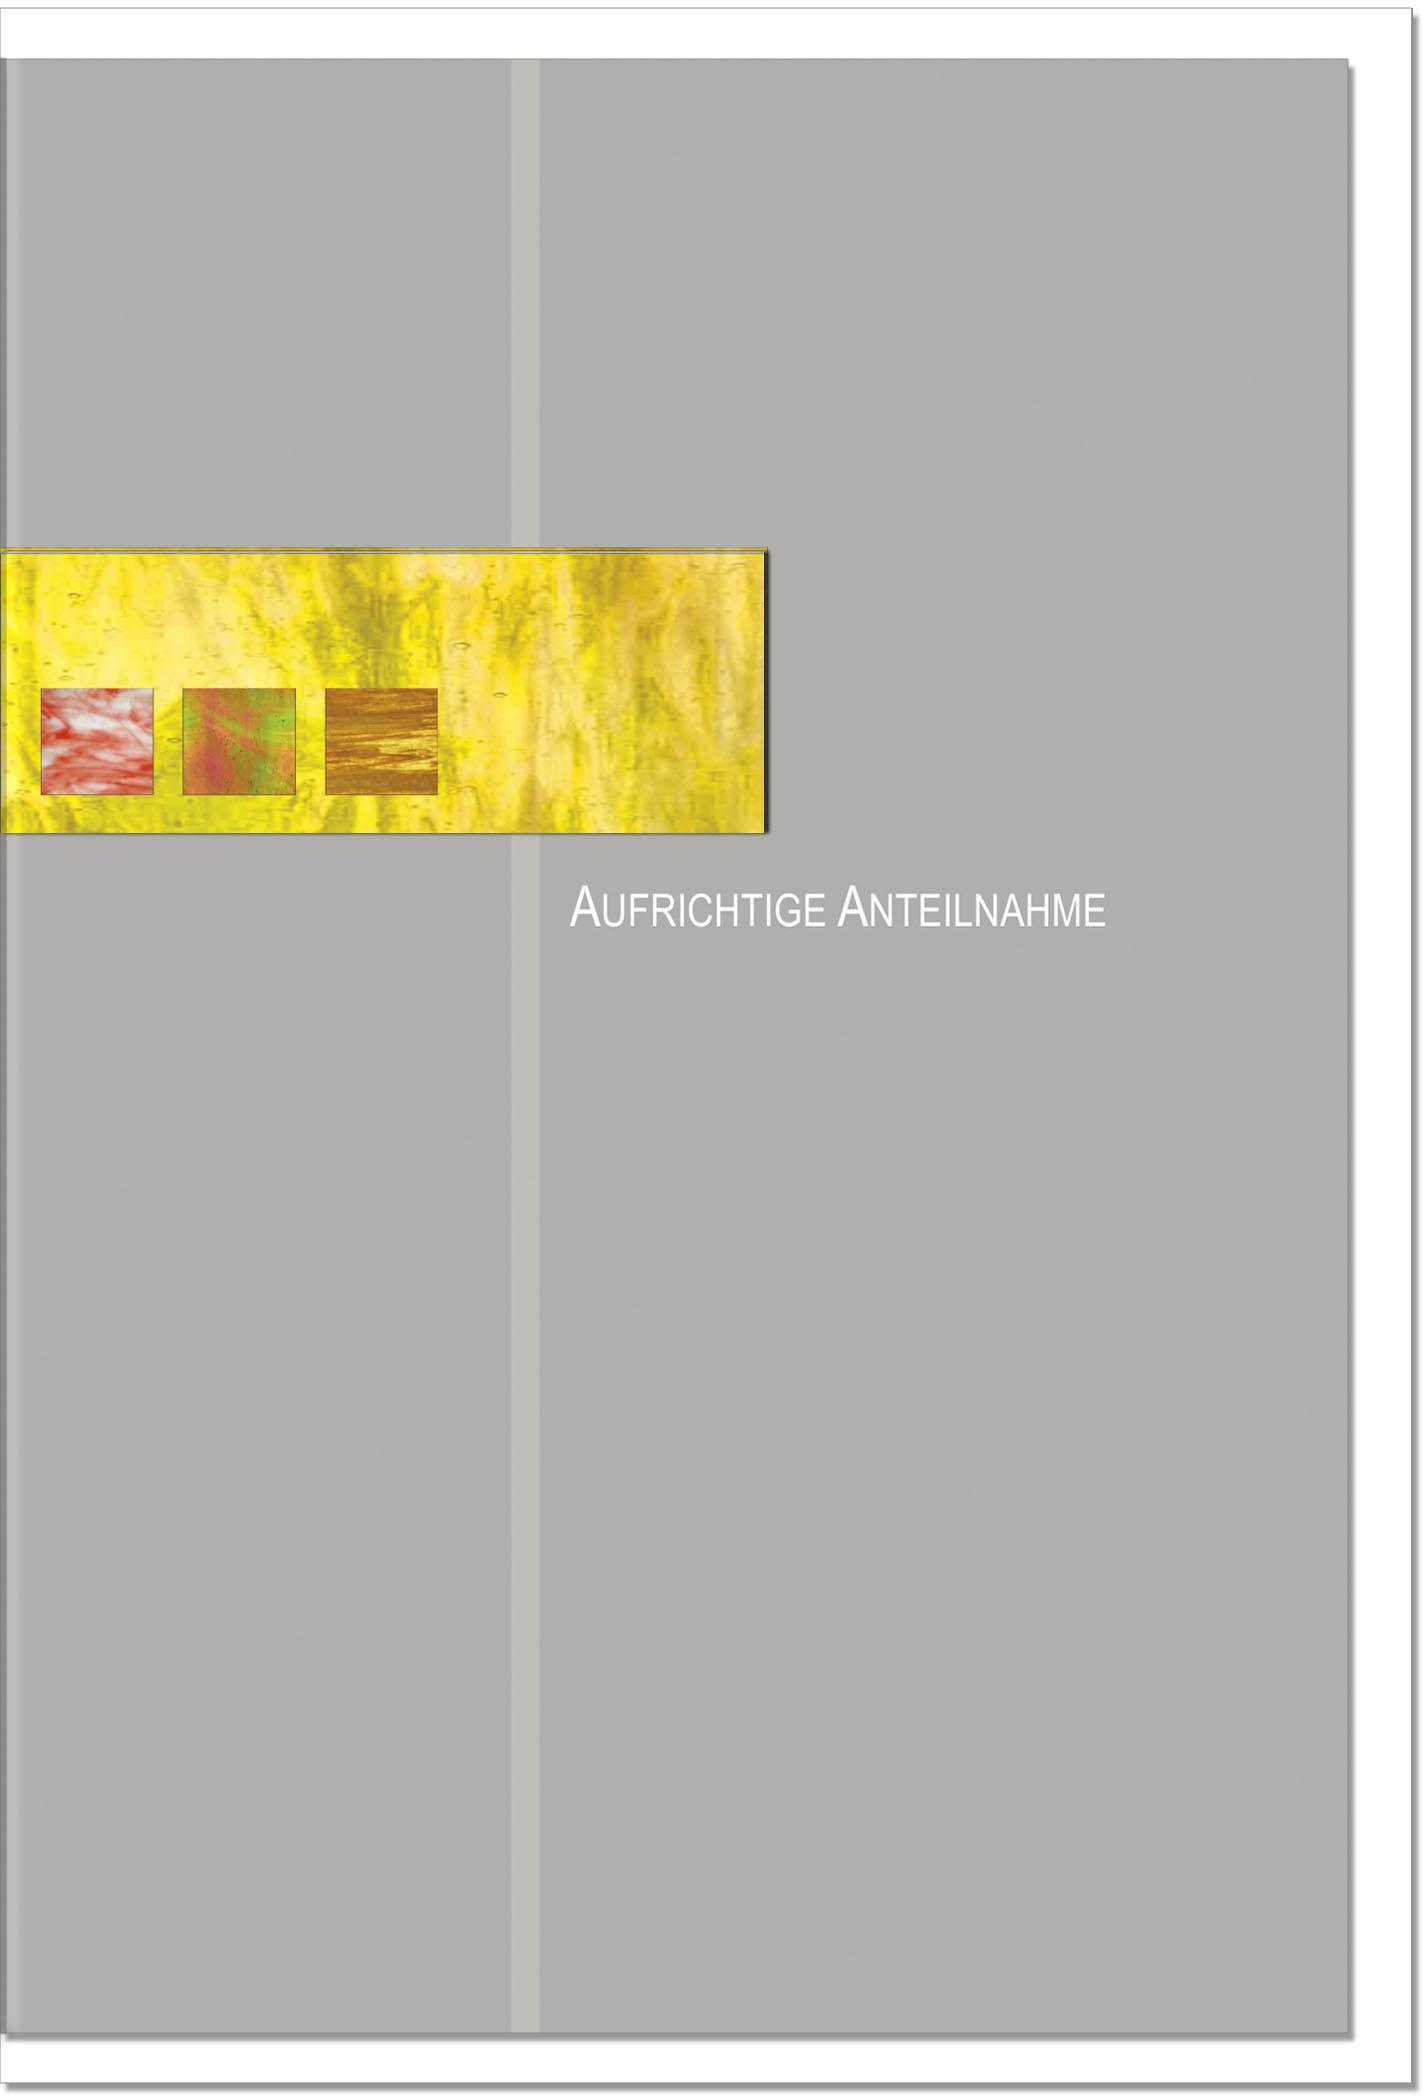 Trauerkarte ABSCHIED | mit edler Metall - Verzierung | metALUm #00023